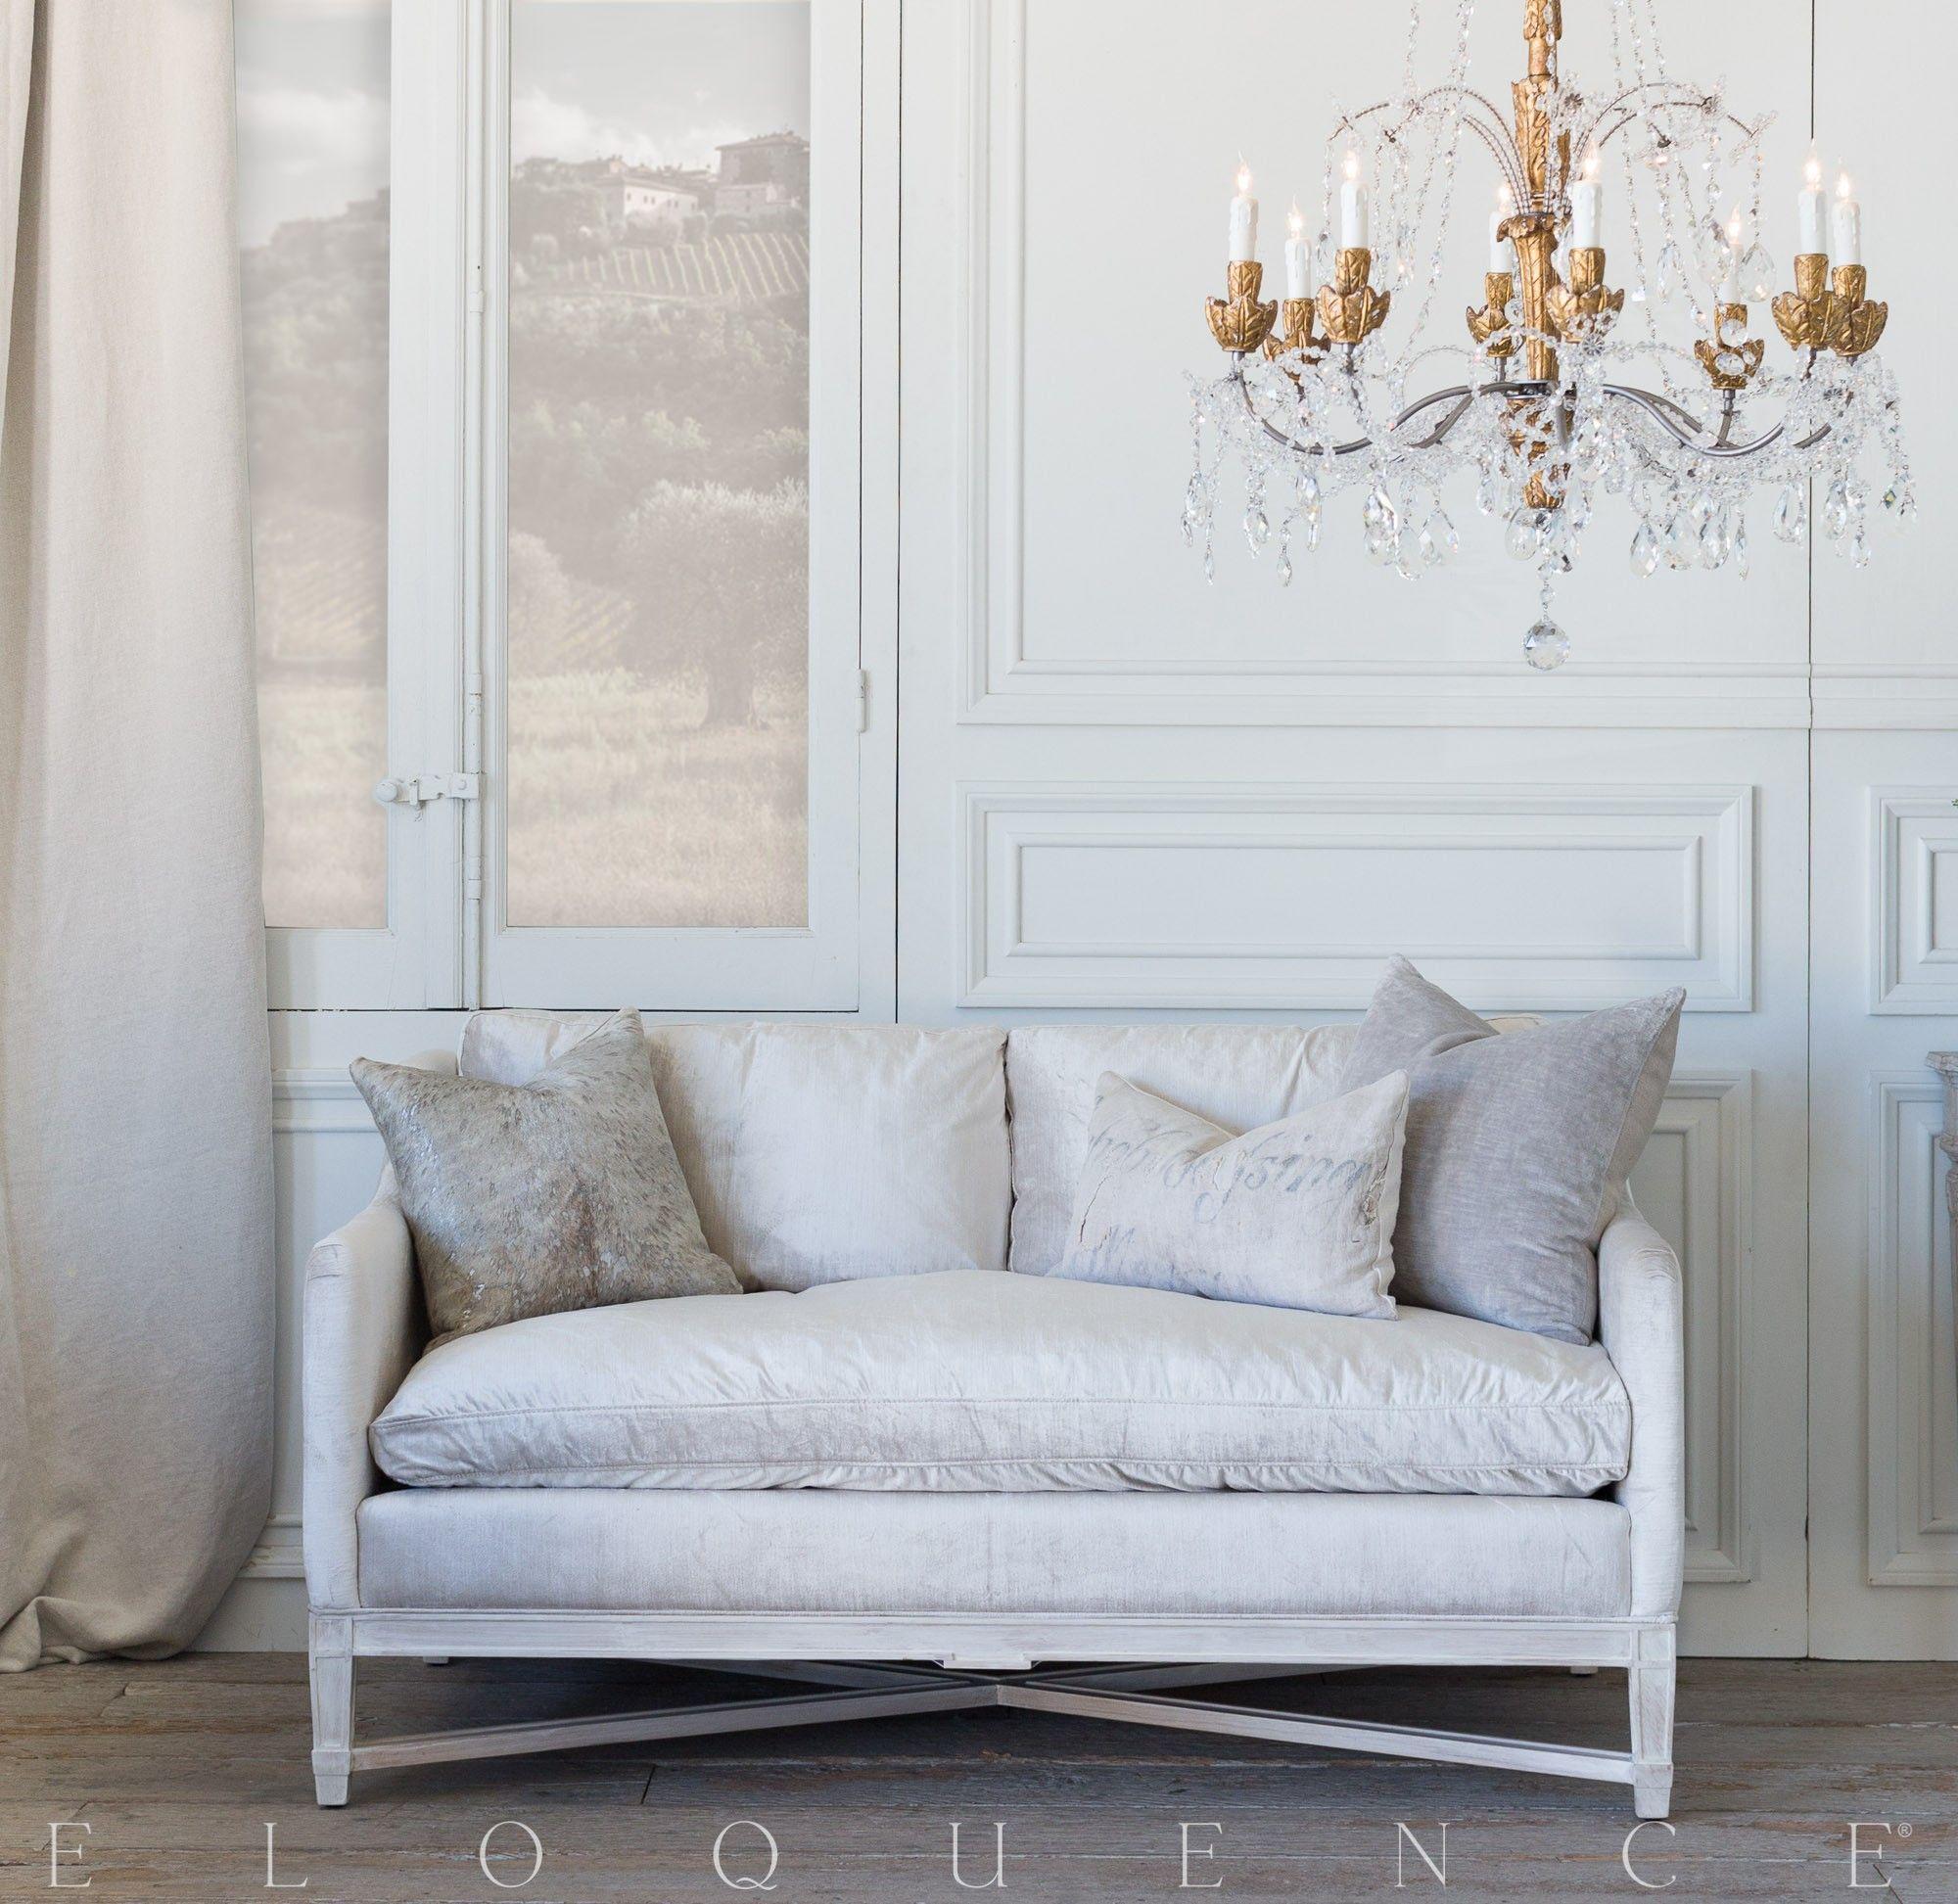 Eloquence Scandinavian Loveseat In Dove Velvet And Worn Oak Finish Love Seat Top Quality Furniture Velvet Slipcovers